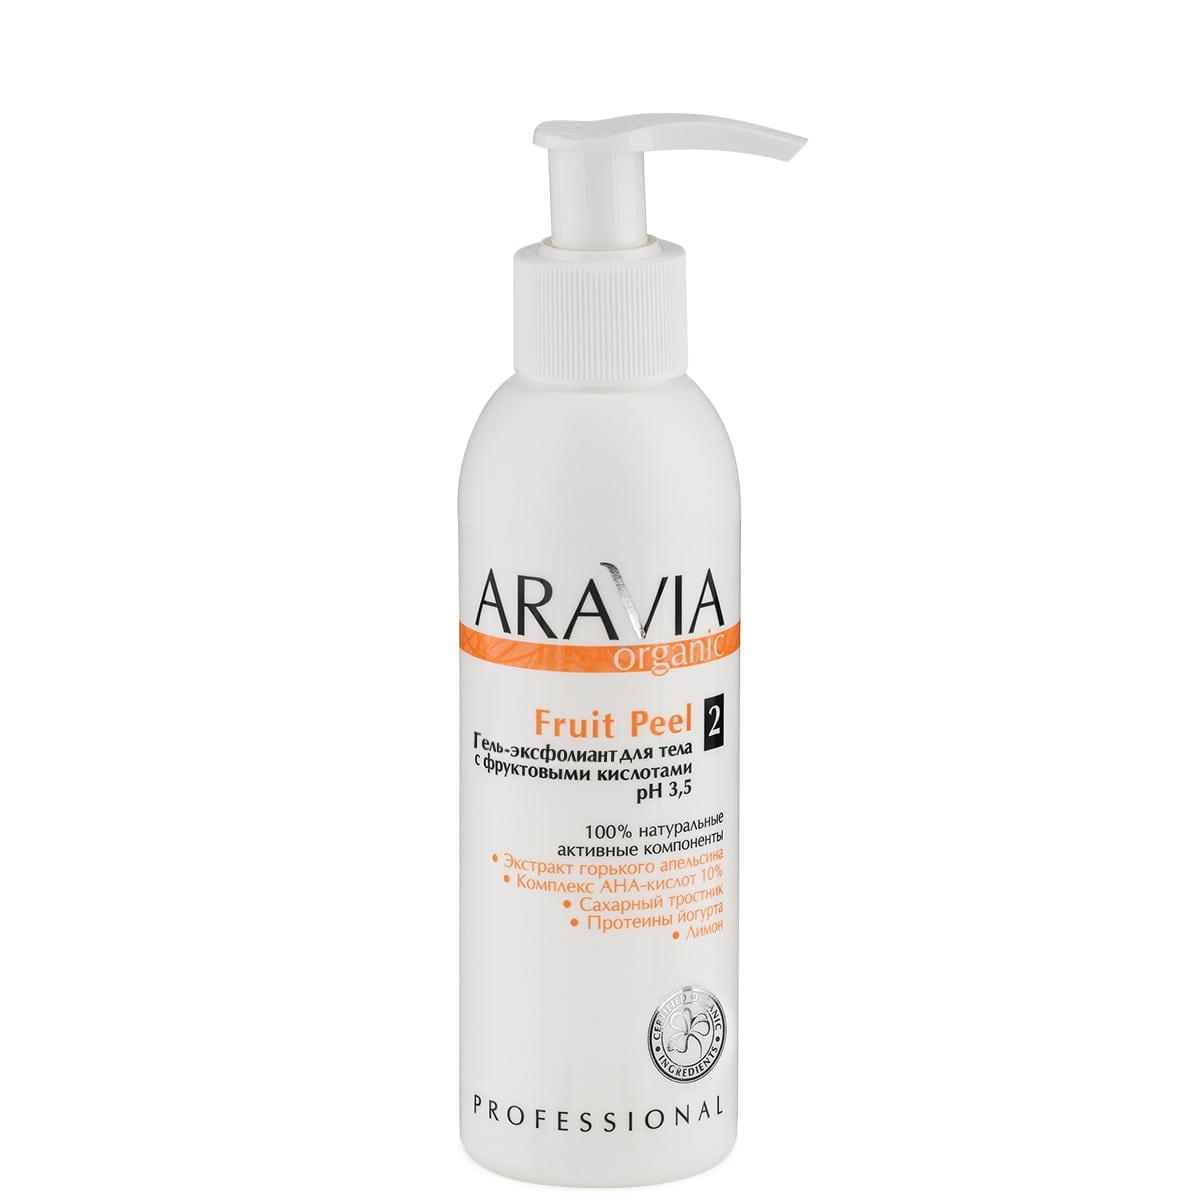 ARAVIA Гель-Эксфолиант Organic Fruit Peel для Тела с Фруктовыми Кислотами, 150 мл aravia тоник с фруктовыми кислотами